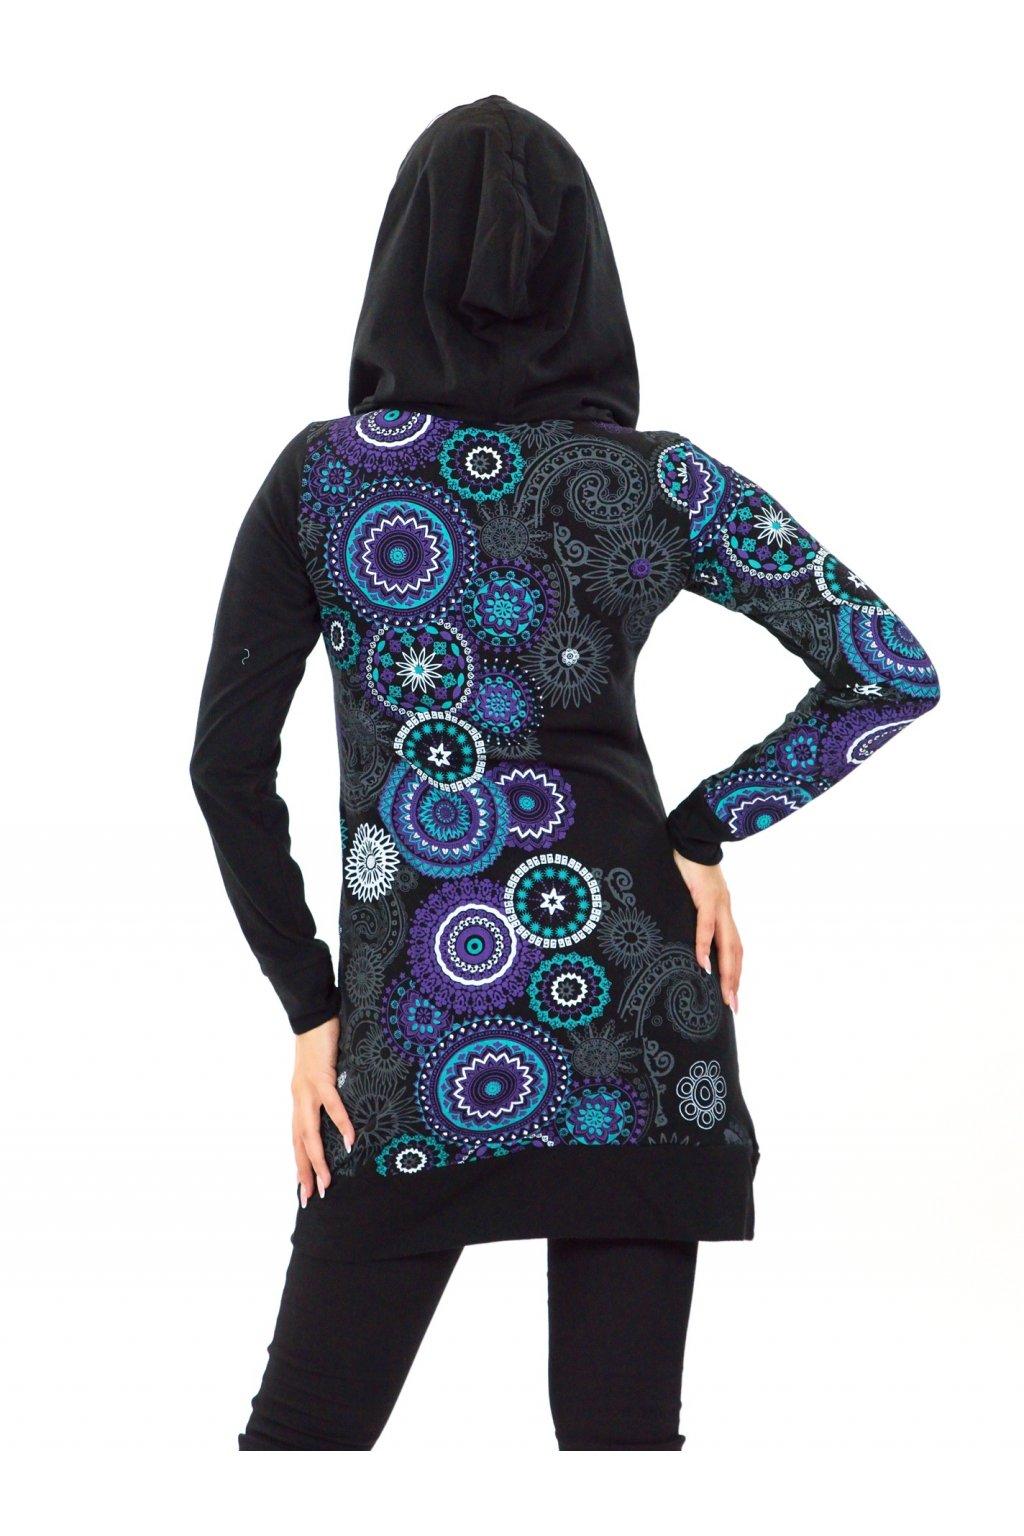 Mikinová tunika s maxi kapucí Elisha - černá s tyrkysovou a fialovou